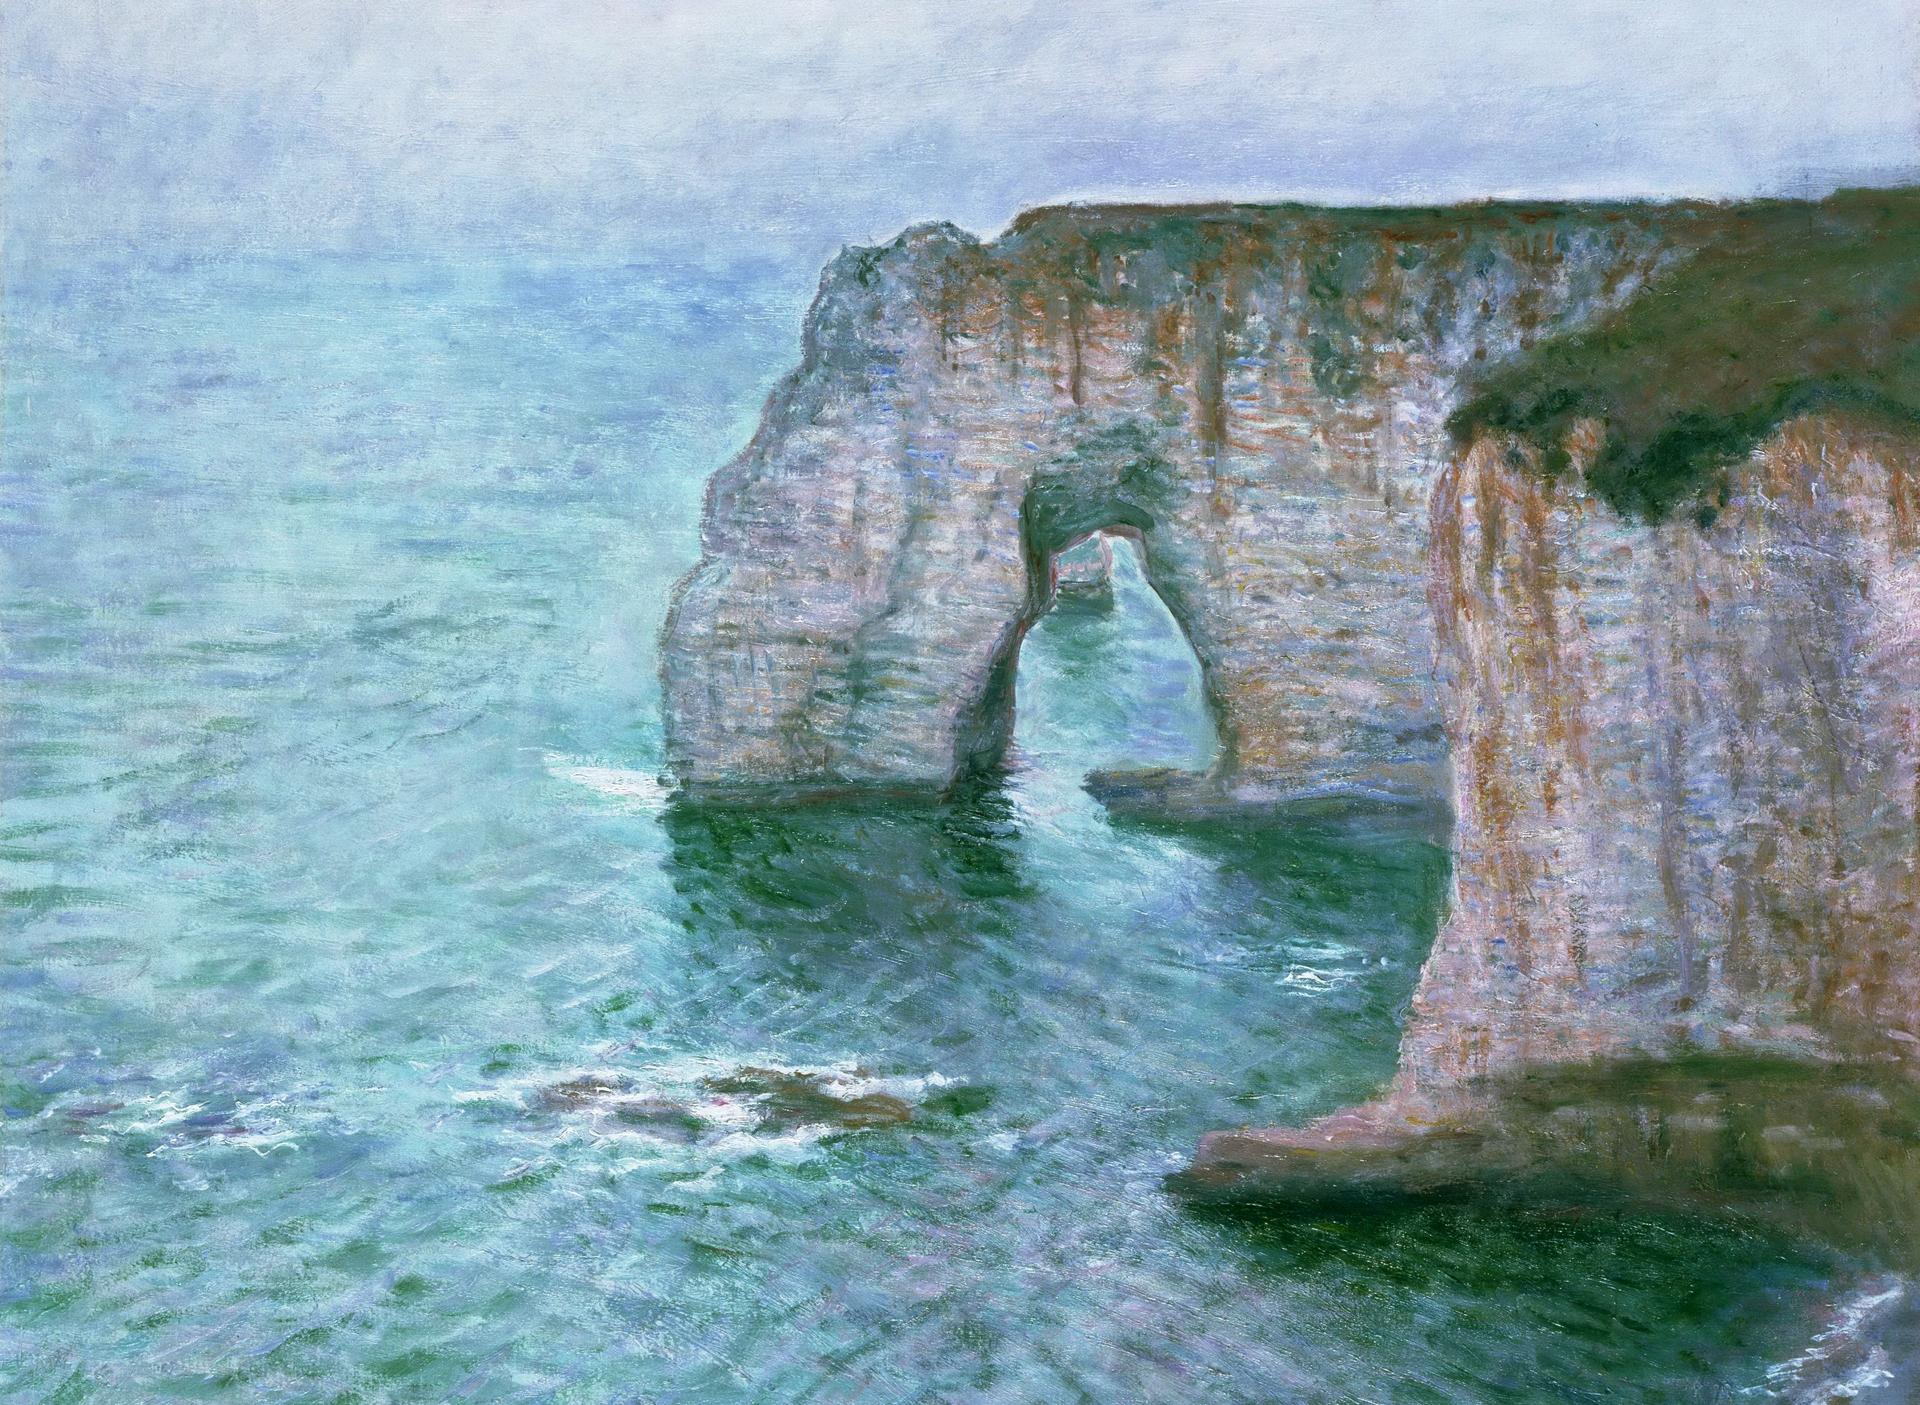 скалы и море < Маннепорт, вид с востока >:: Клод Моне, описание картины - Claude Monet фото